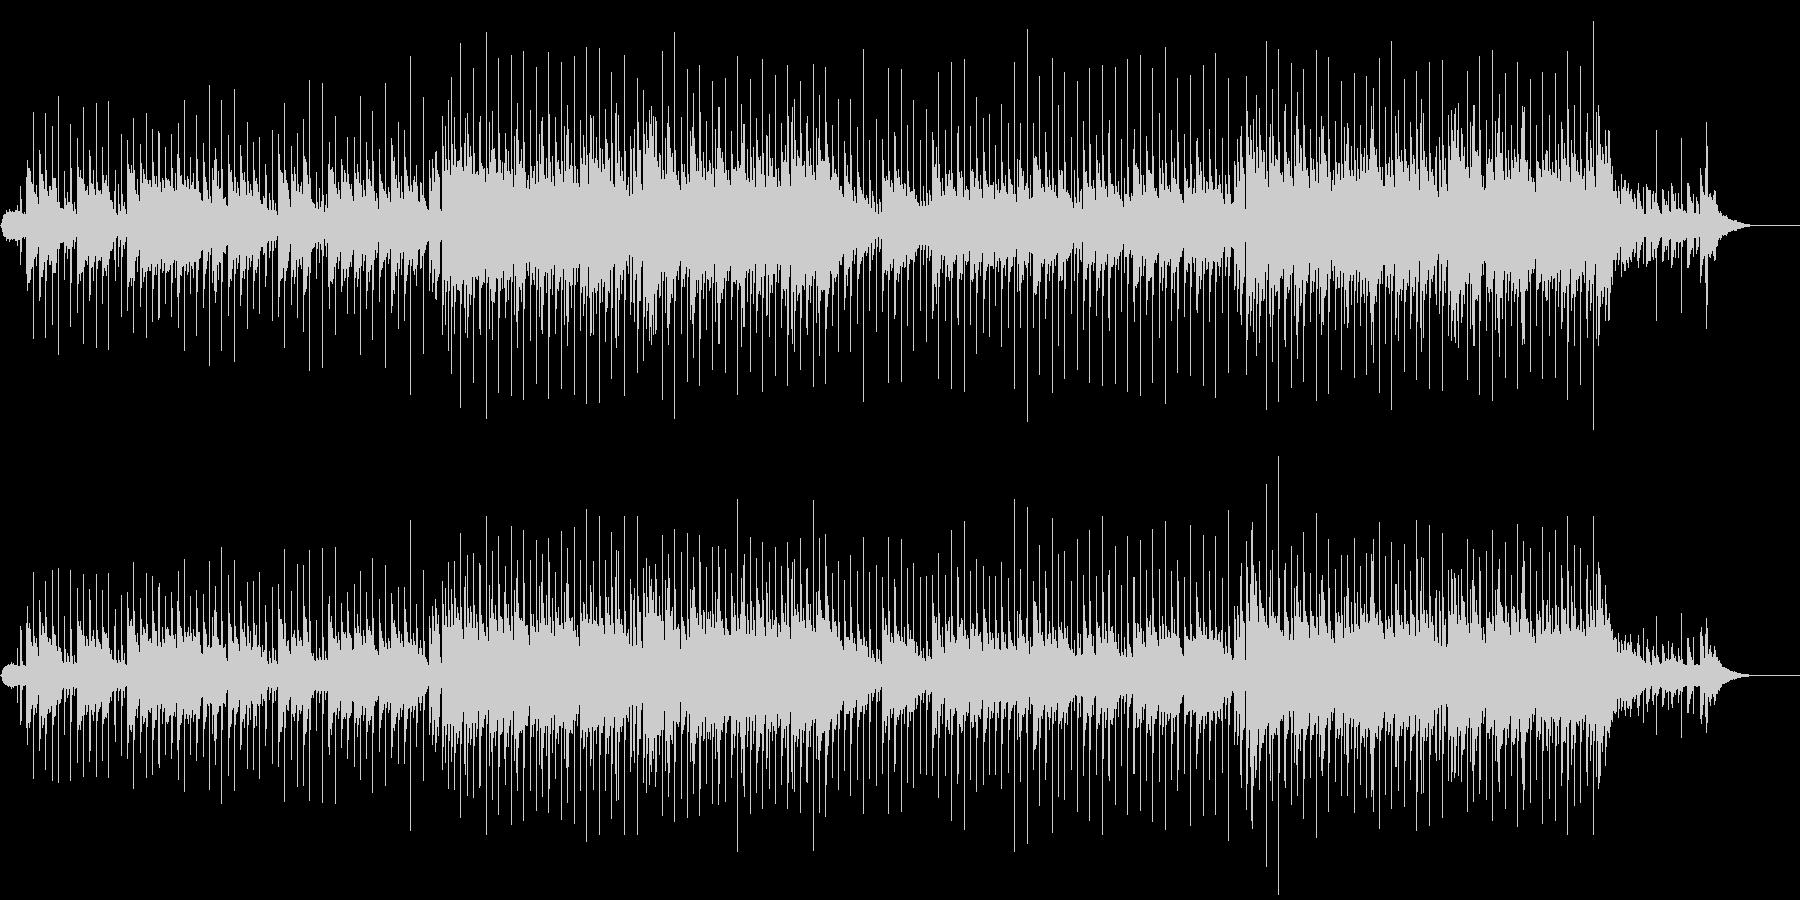 入場用ニューミュージック風バラードの未再生の波形